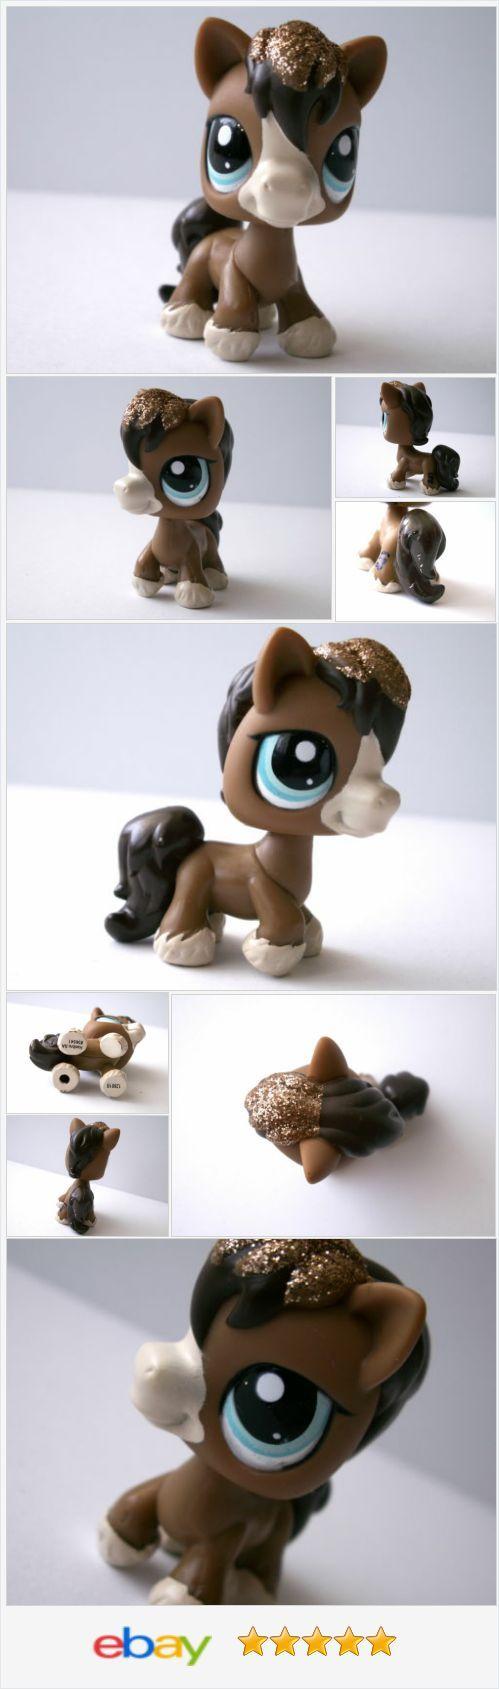 Littlest Pet Shop 2292 Sparkle Brown Tan Horse Pony Glitter LPS Toys Figure